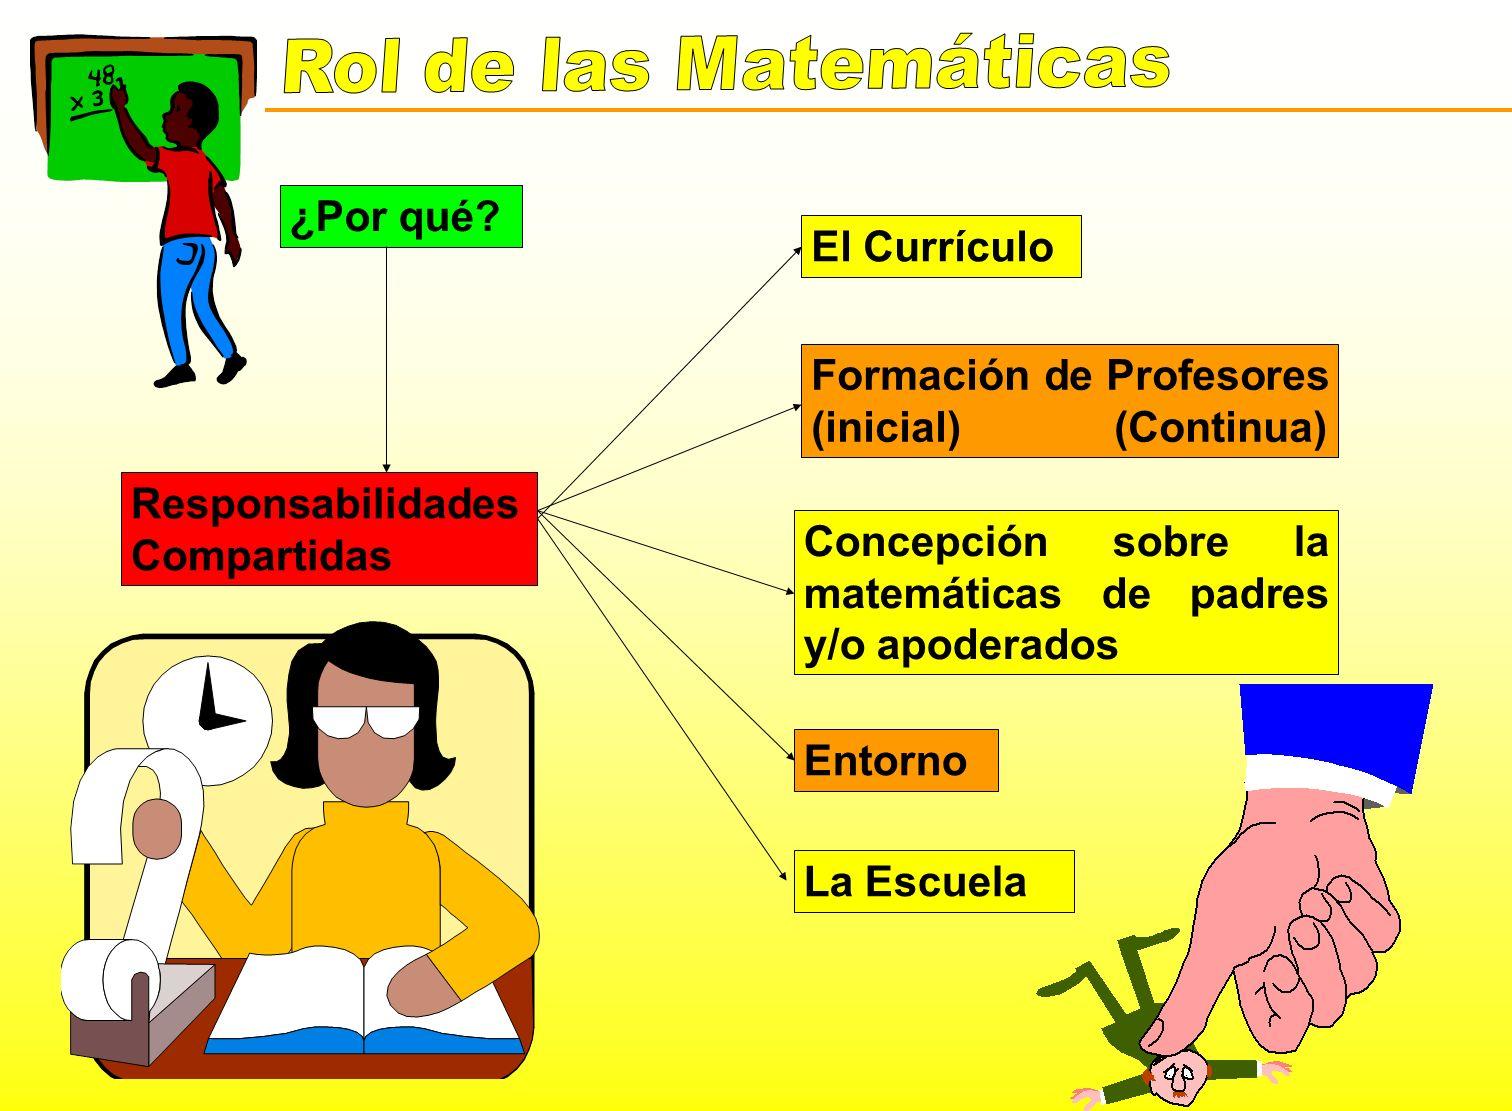 Formación de Profesores (inicial) (Continua)